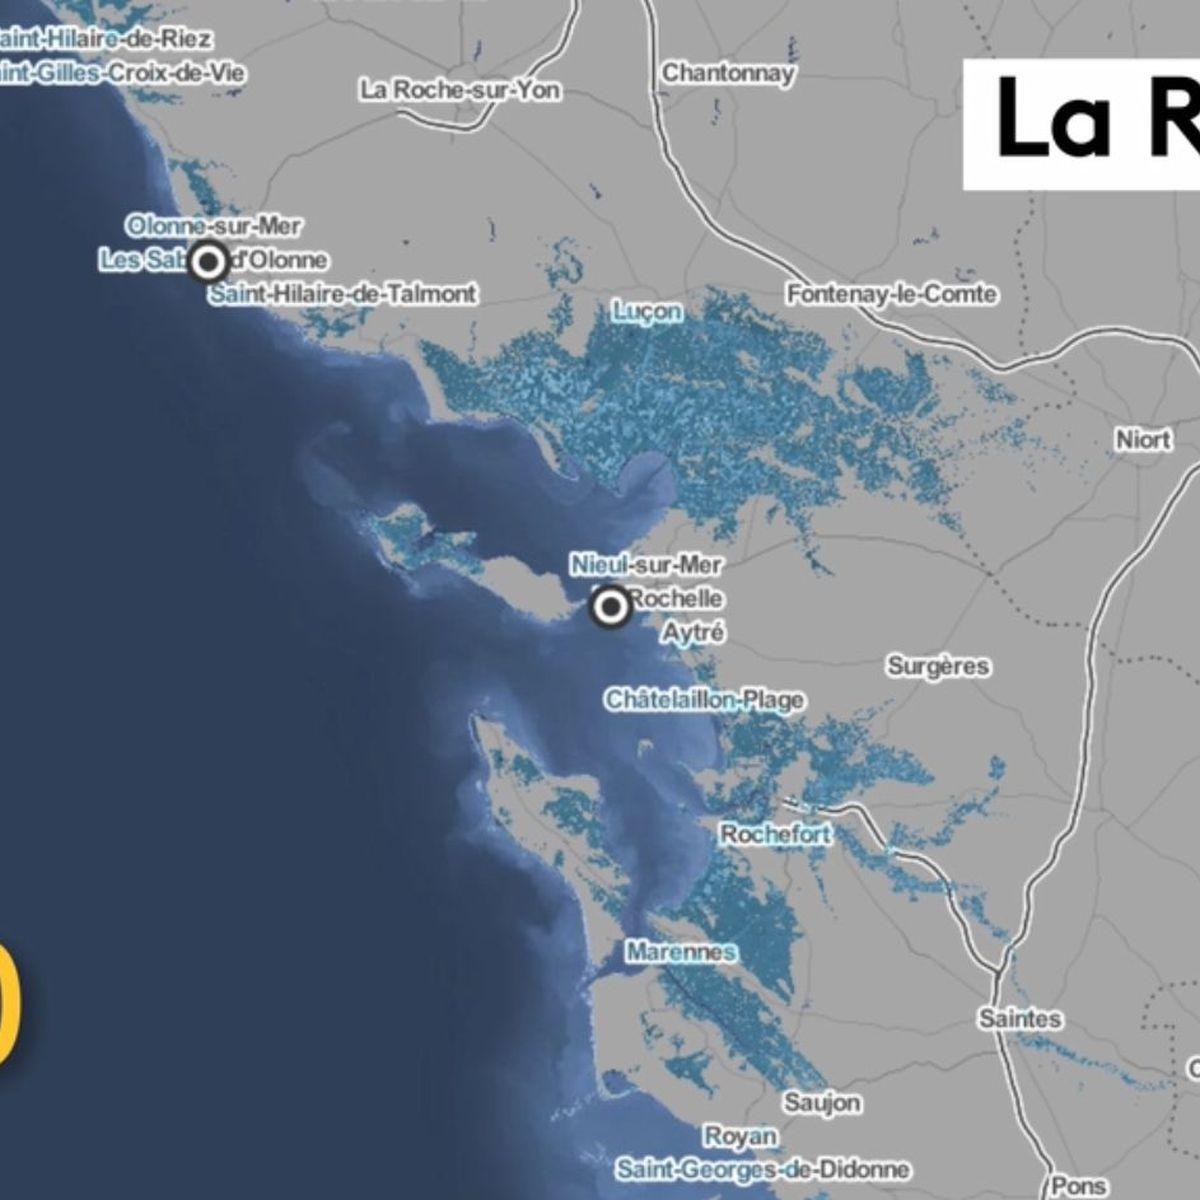 Avant Apres En 2100 Voila A Quoi Ressemblerait La Rochelle Apres La Montee Des Eaux